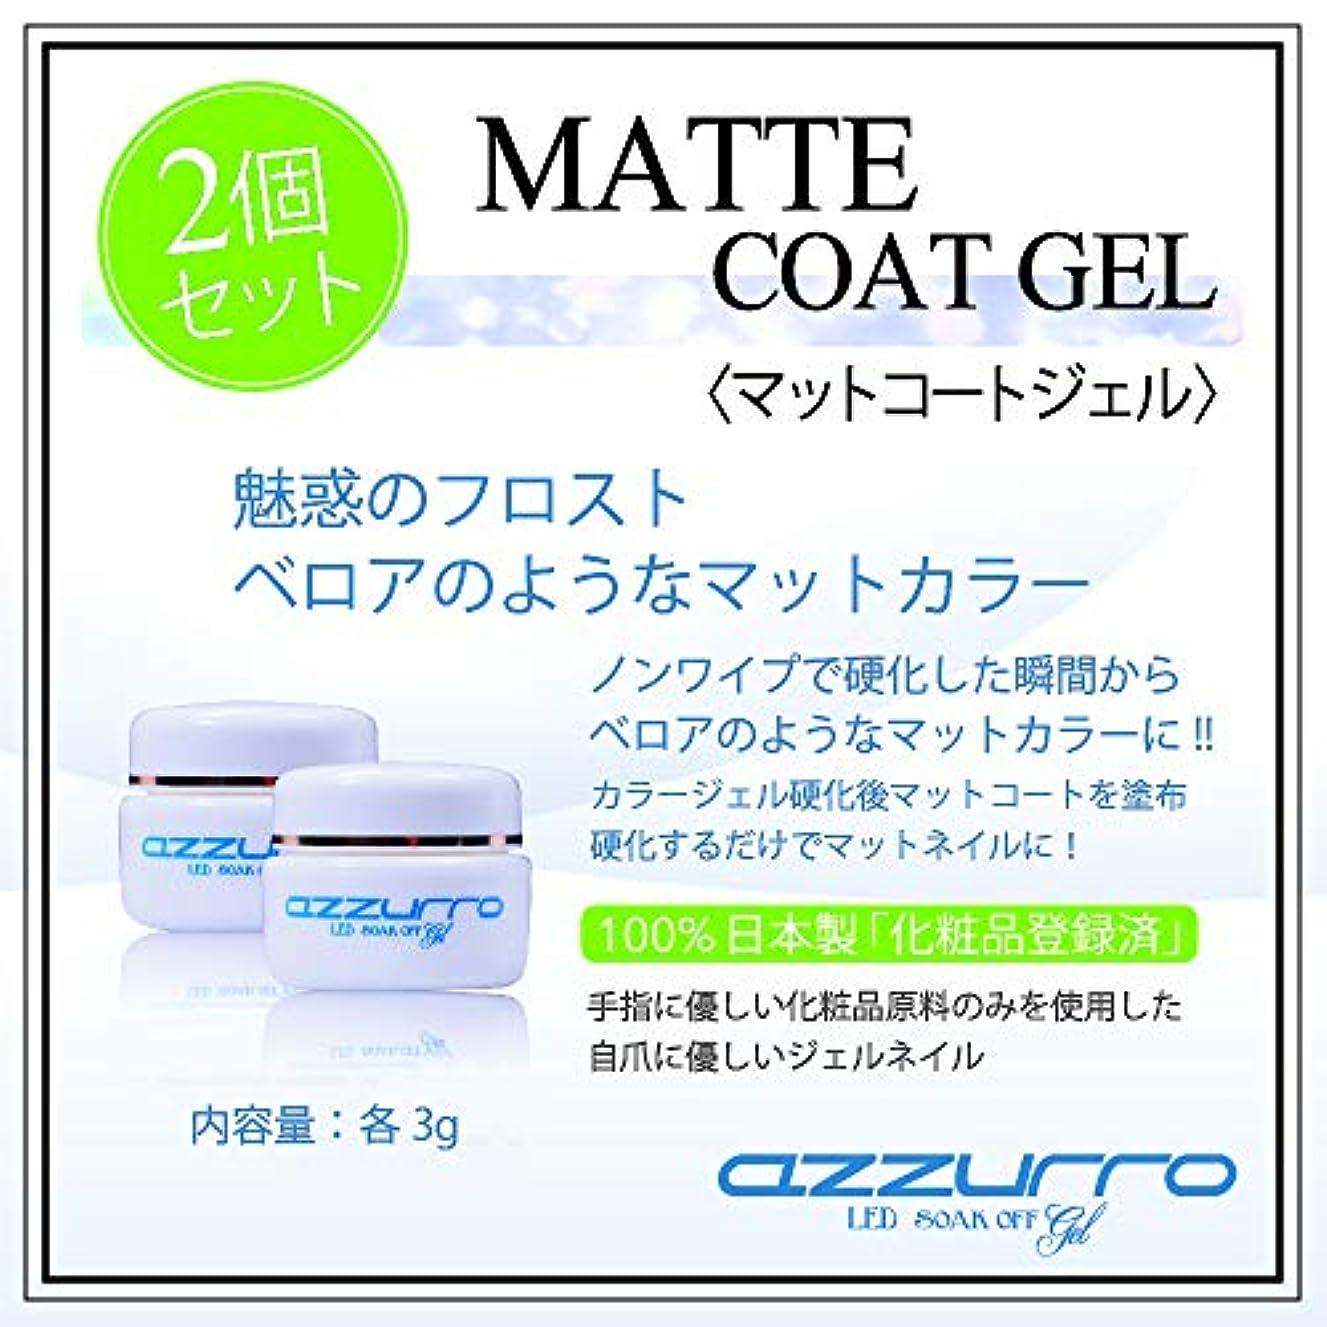 化粧保守可能木材azzurro アッズーロ マットコートジェル 3g 2個セット